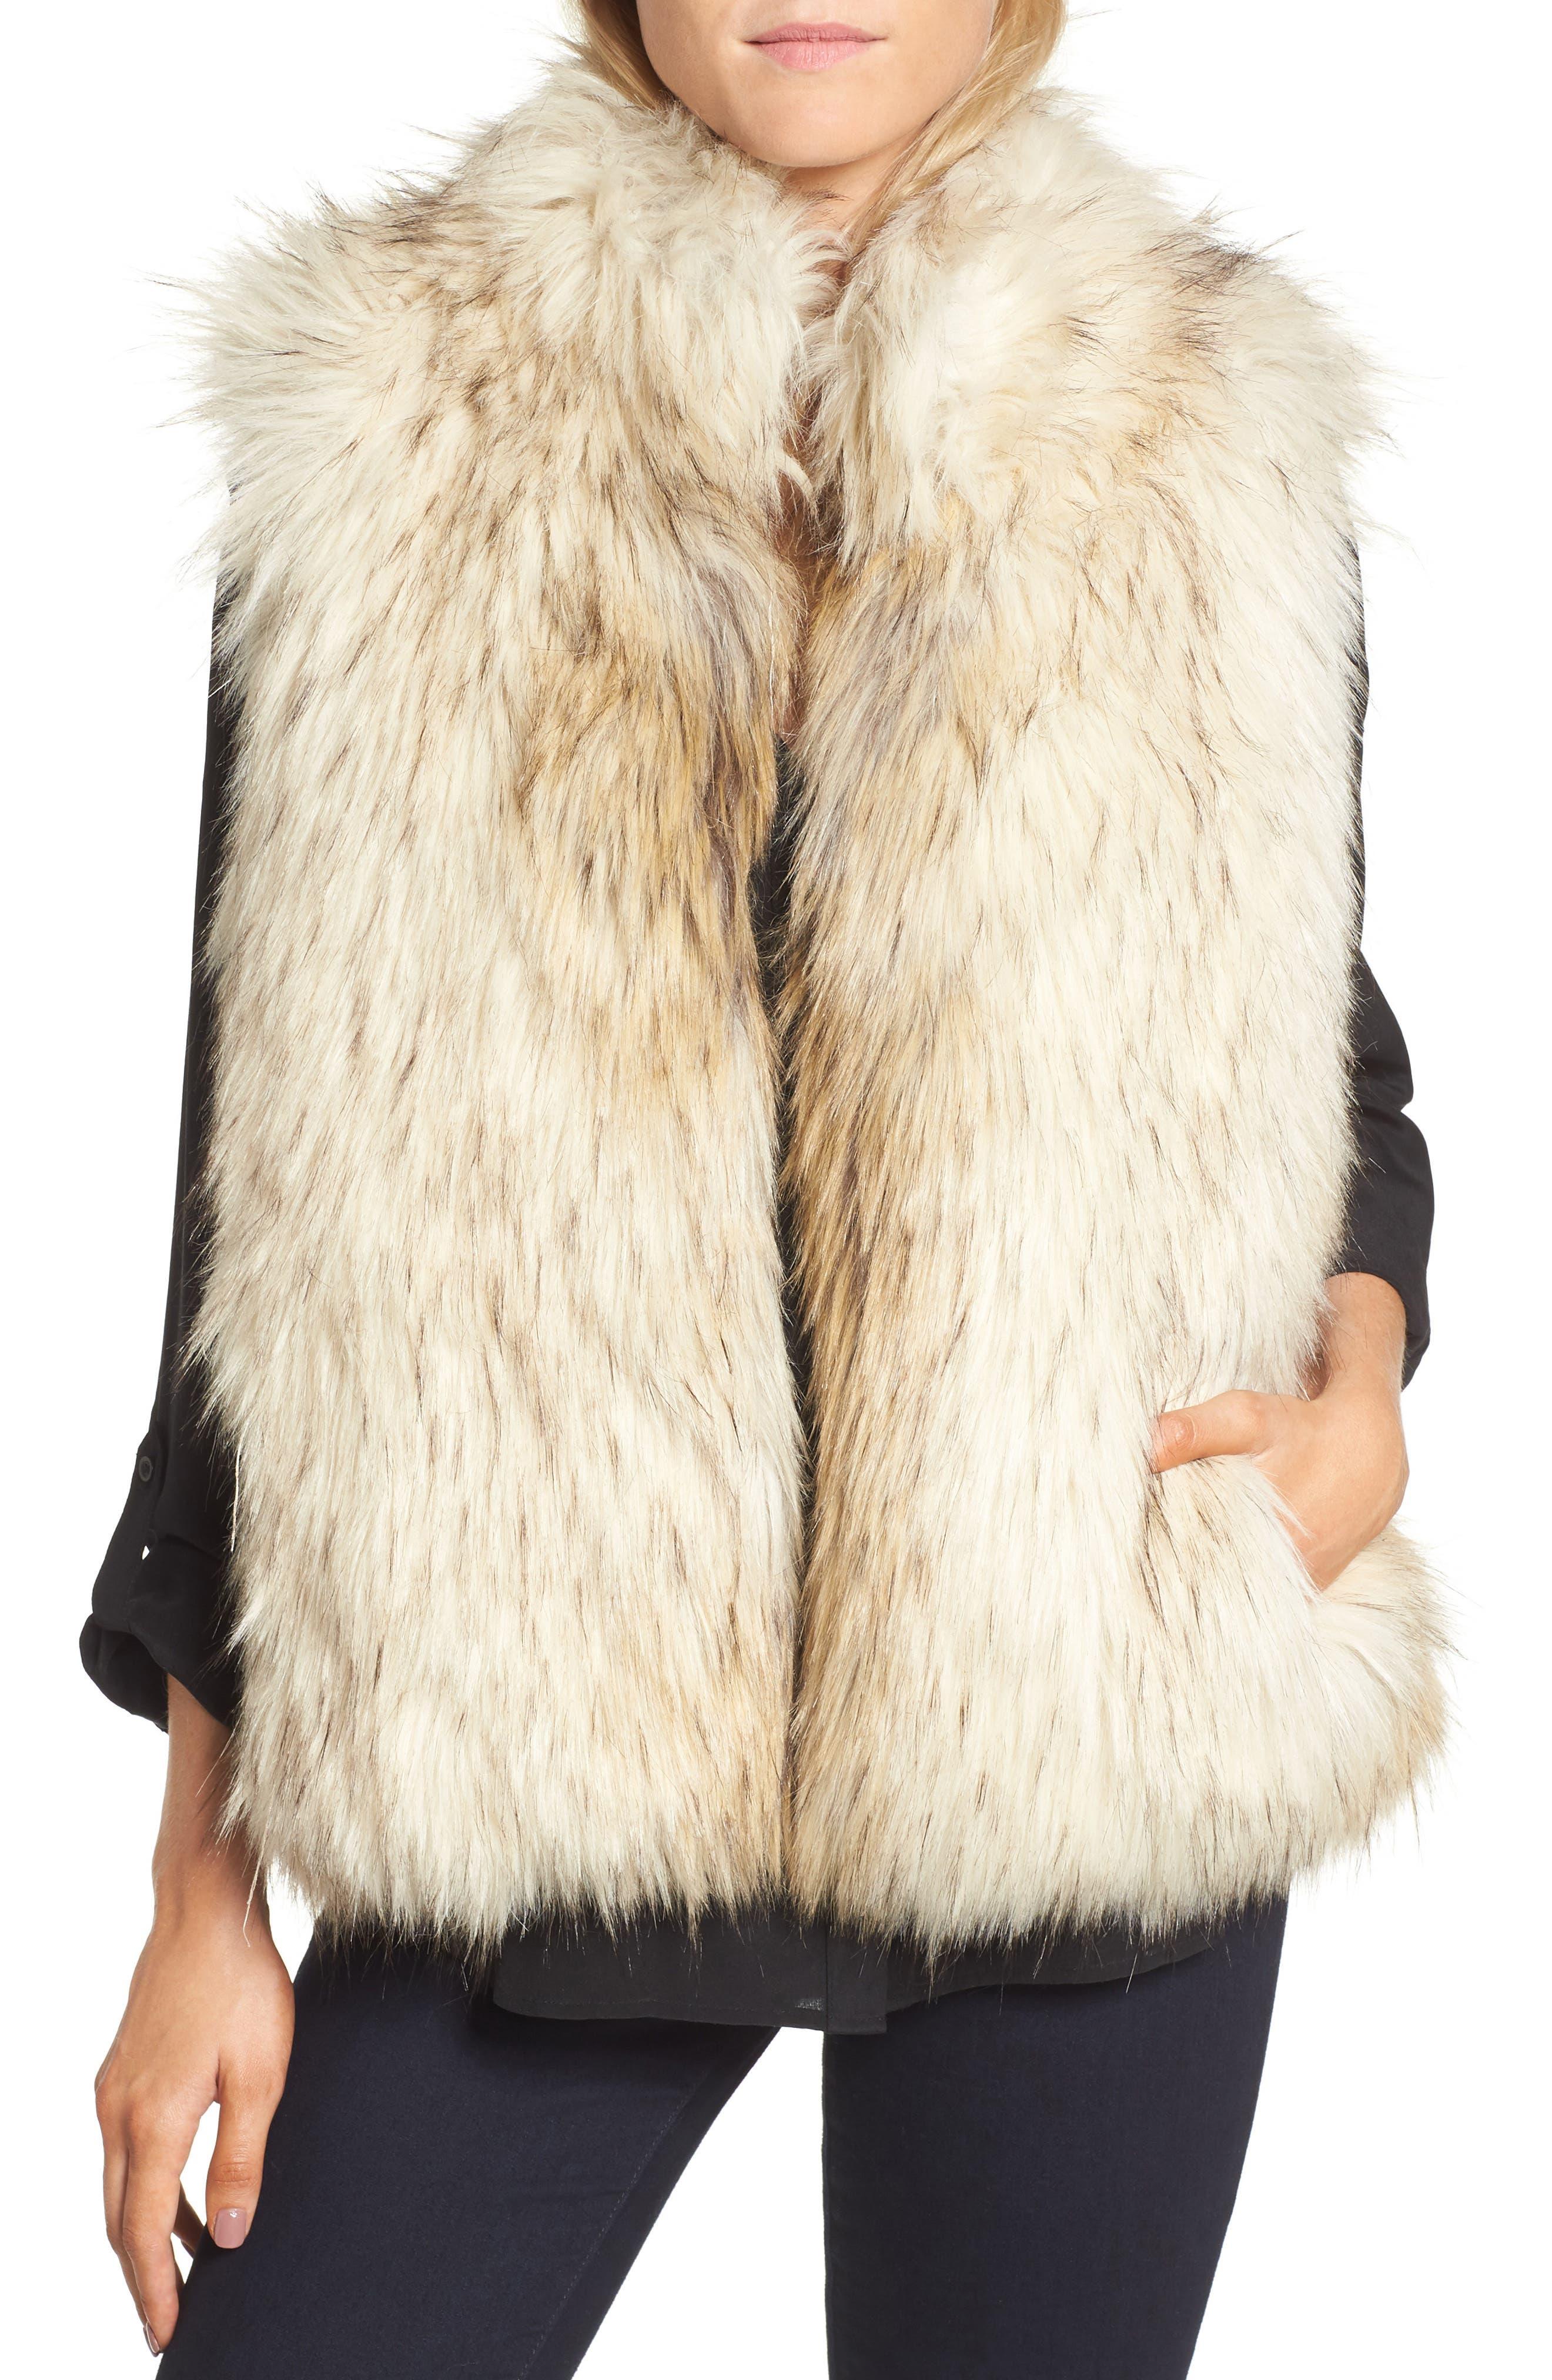 Elvan Open Front Faux Fur Vest,                         Main,                         color, Ivory